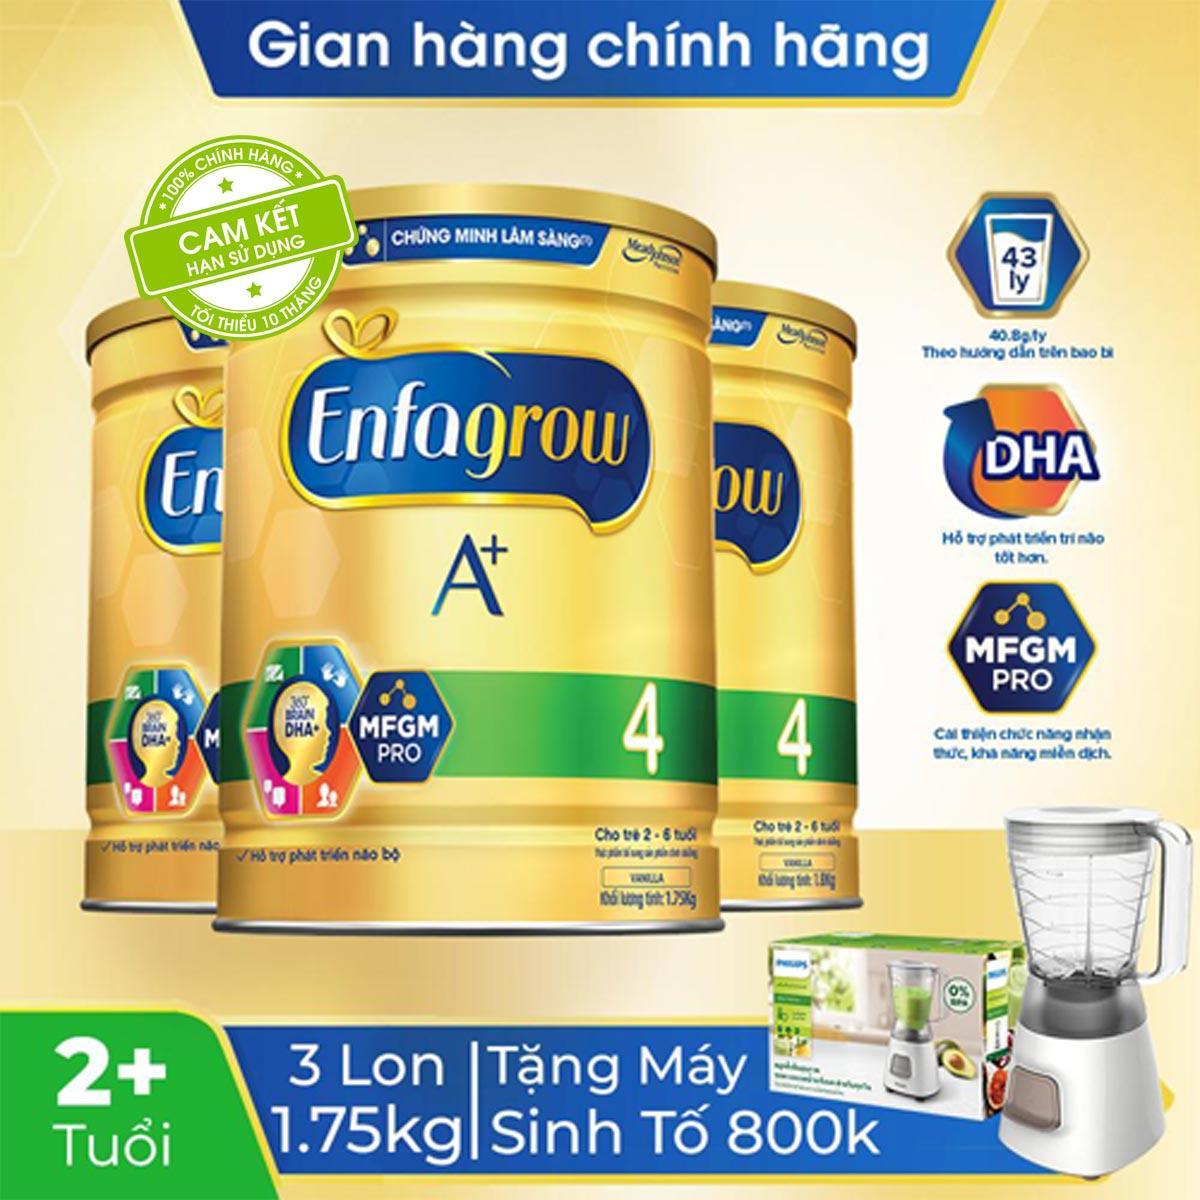 Deal Ưu Đãi Bộ 3 Lon Sữa Bột Enfagrow A+ 4 (1.75kg) - Tặng 1 Máy Xay Sinh Tố Philips HR2051 Trị Giá 800k - Cam Kết HSD Còn ít Nhất 10 Tháng